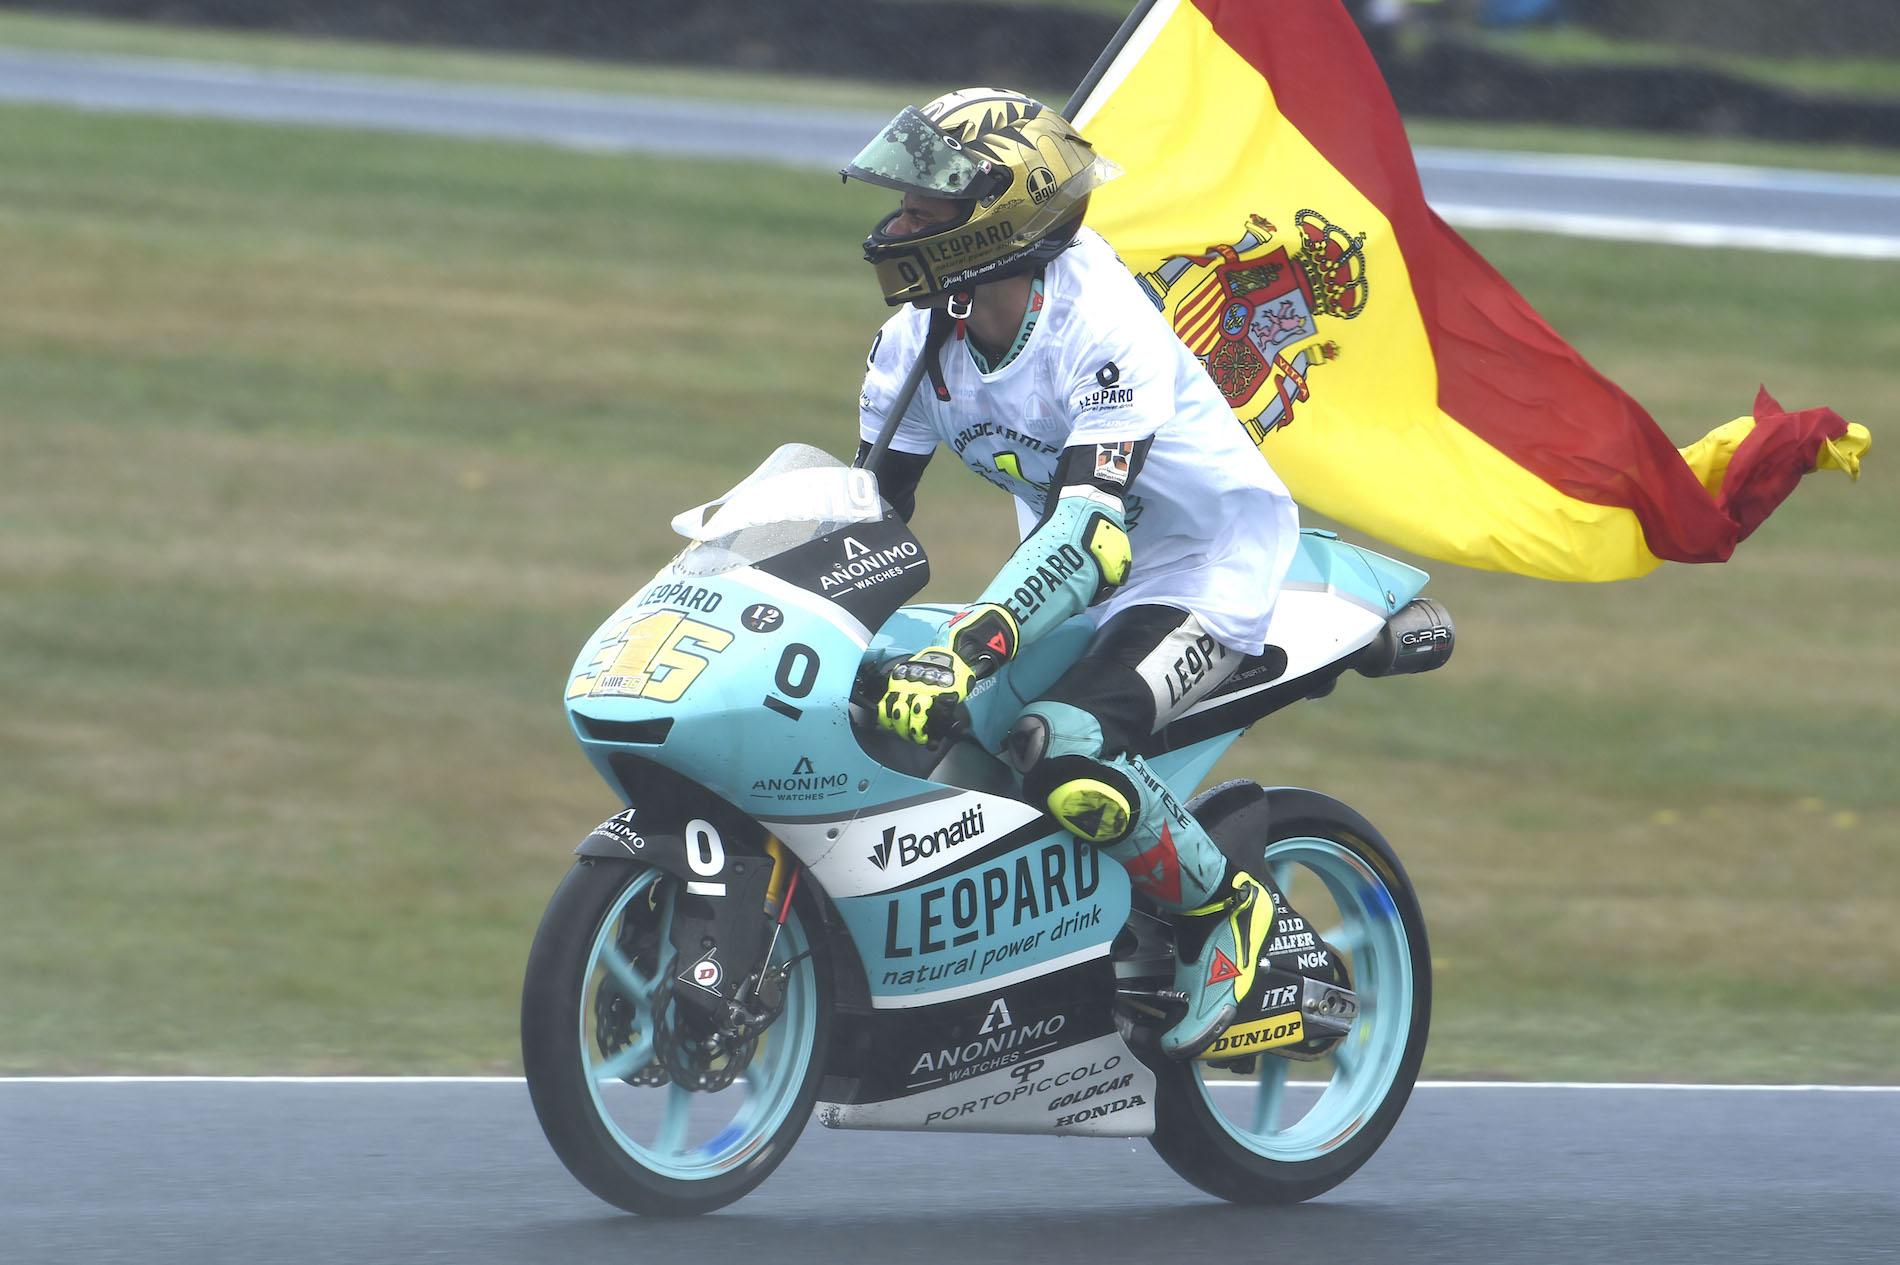 Joan Mir, campeón del mundo de Moto3 2017